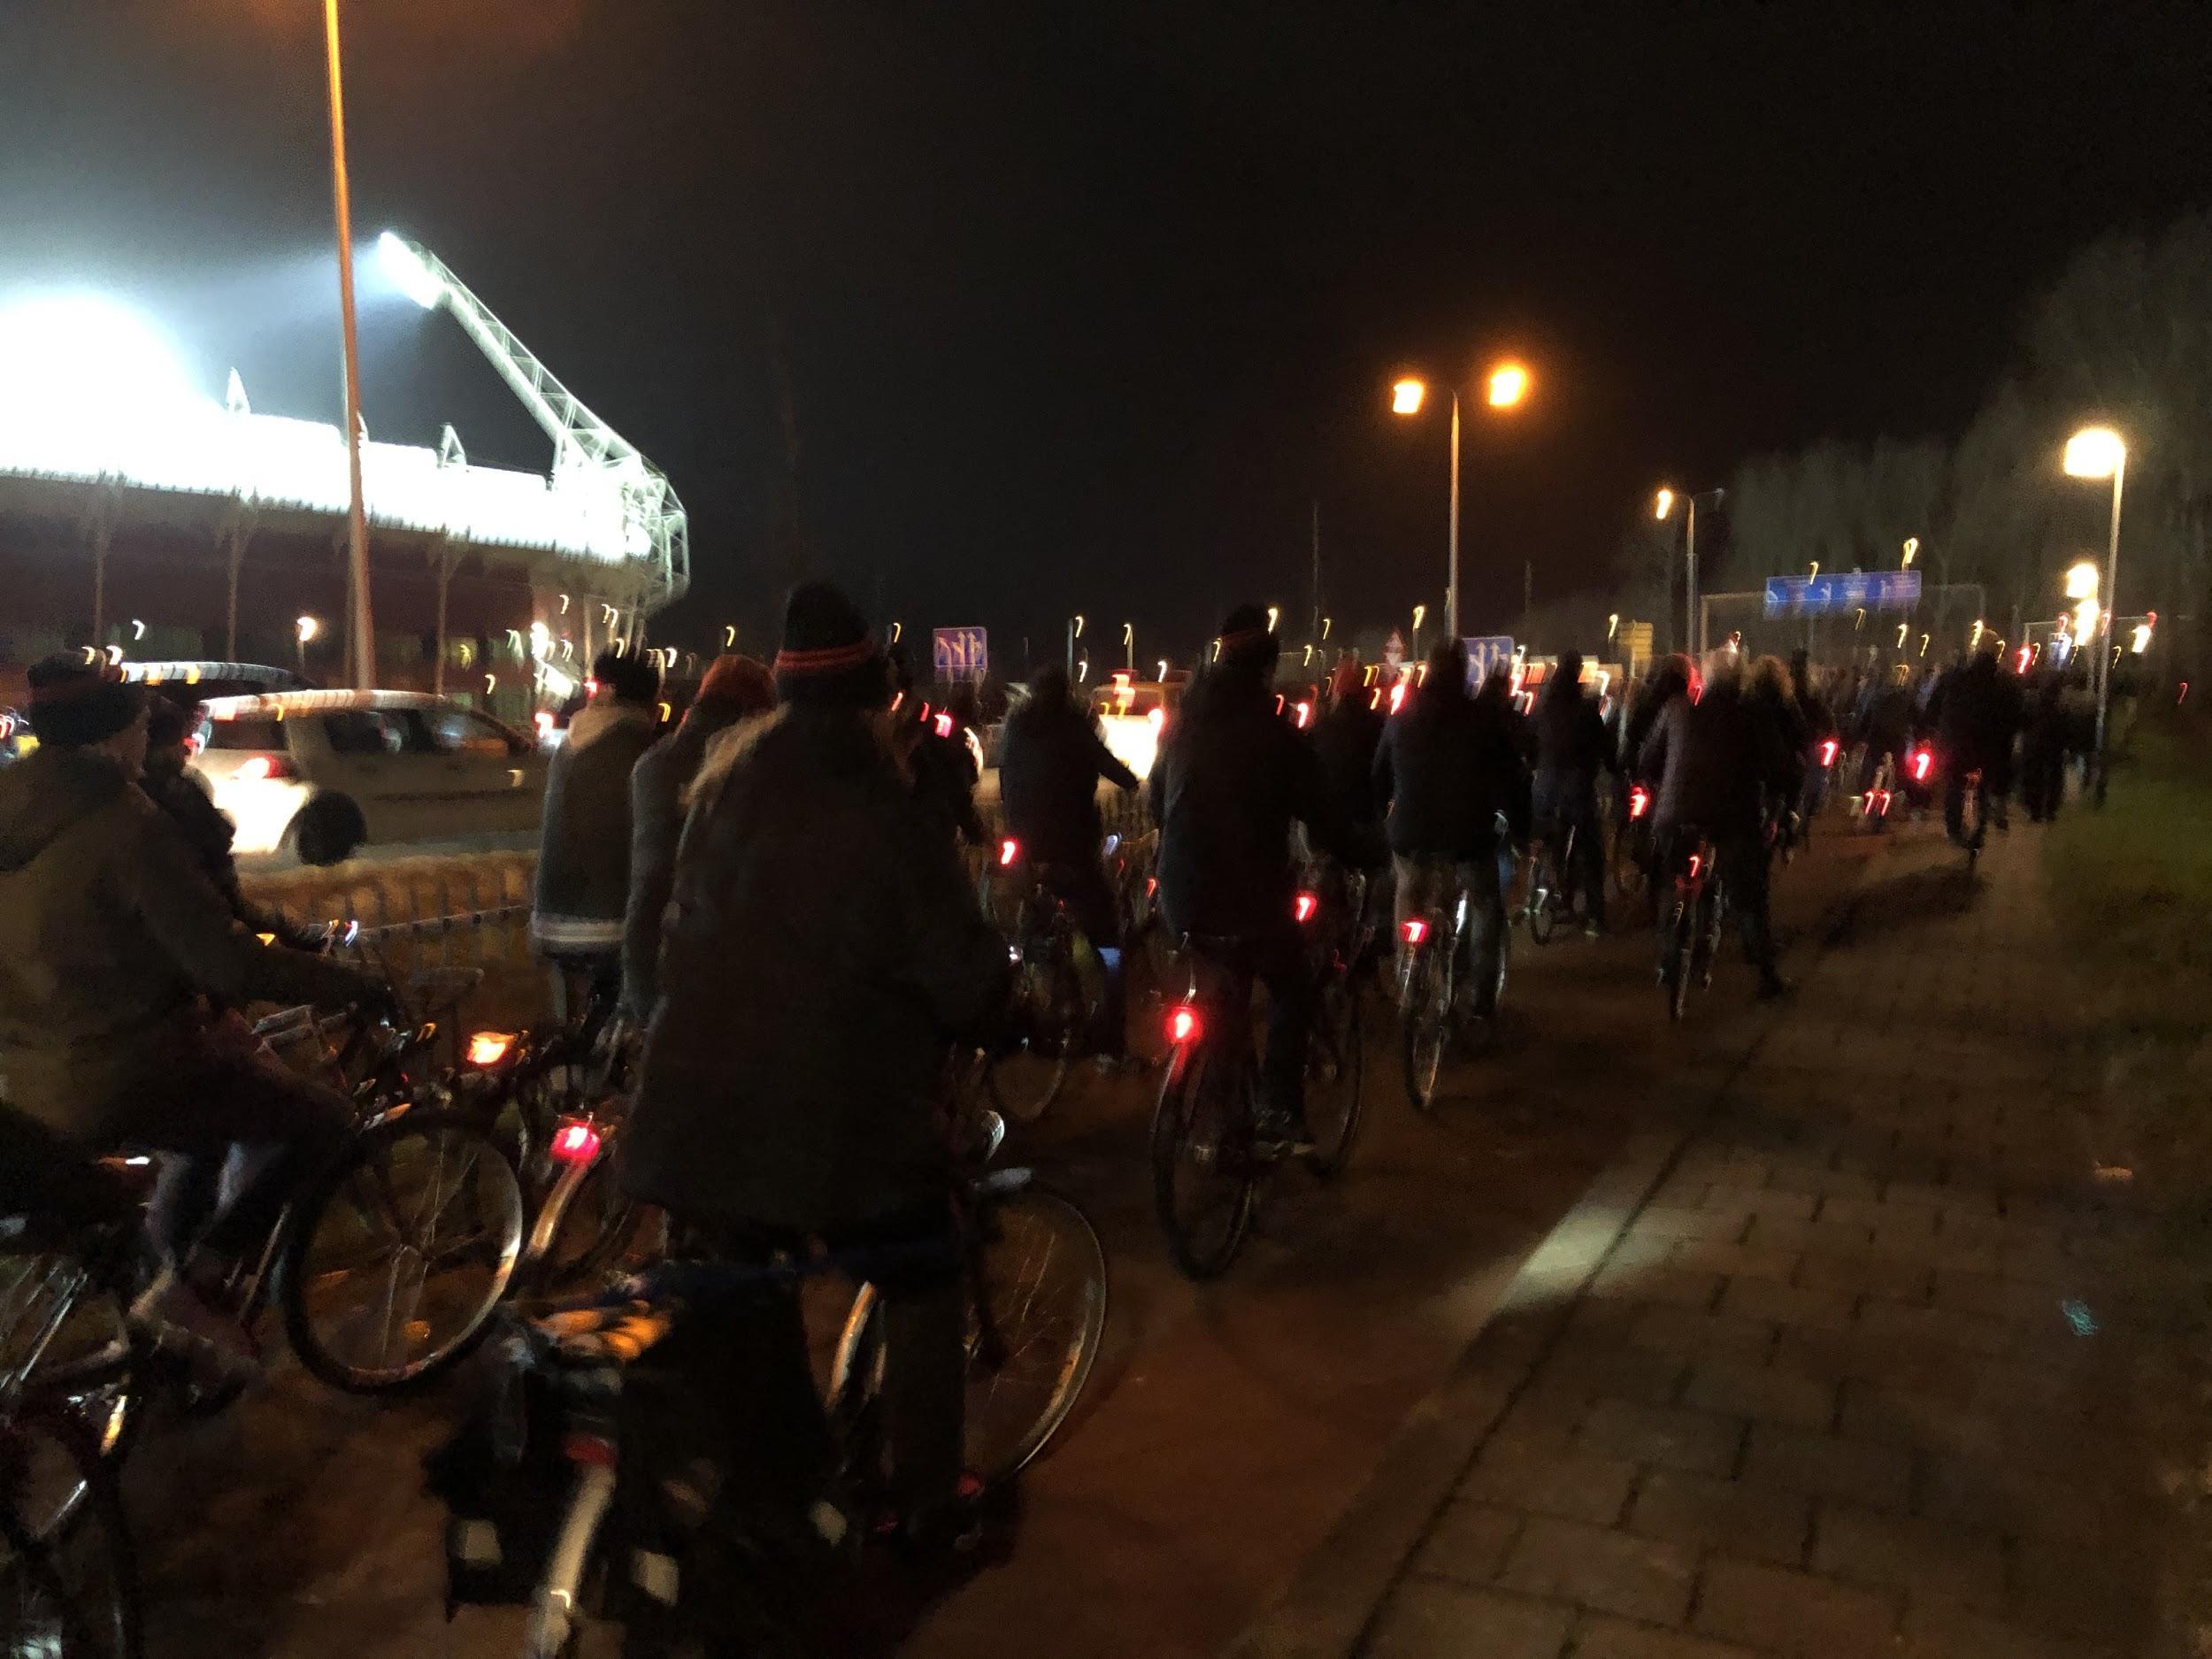 このように試合後は自転車の渋滞が発生します